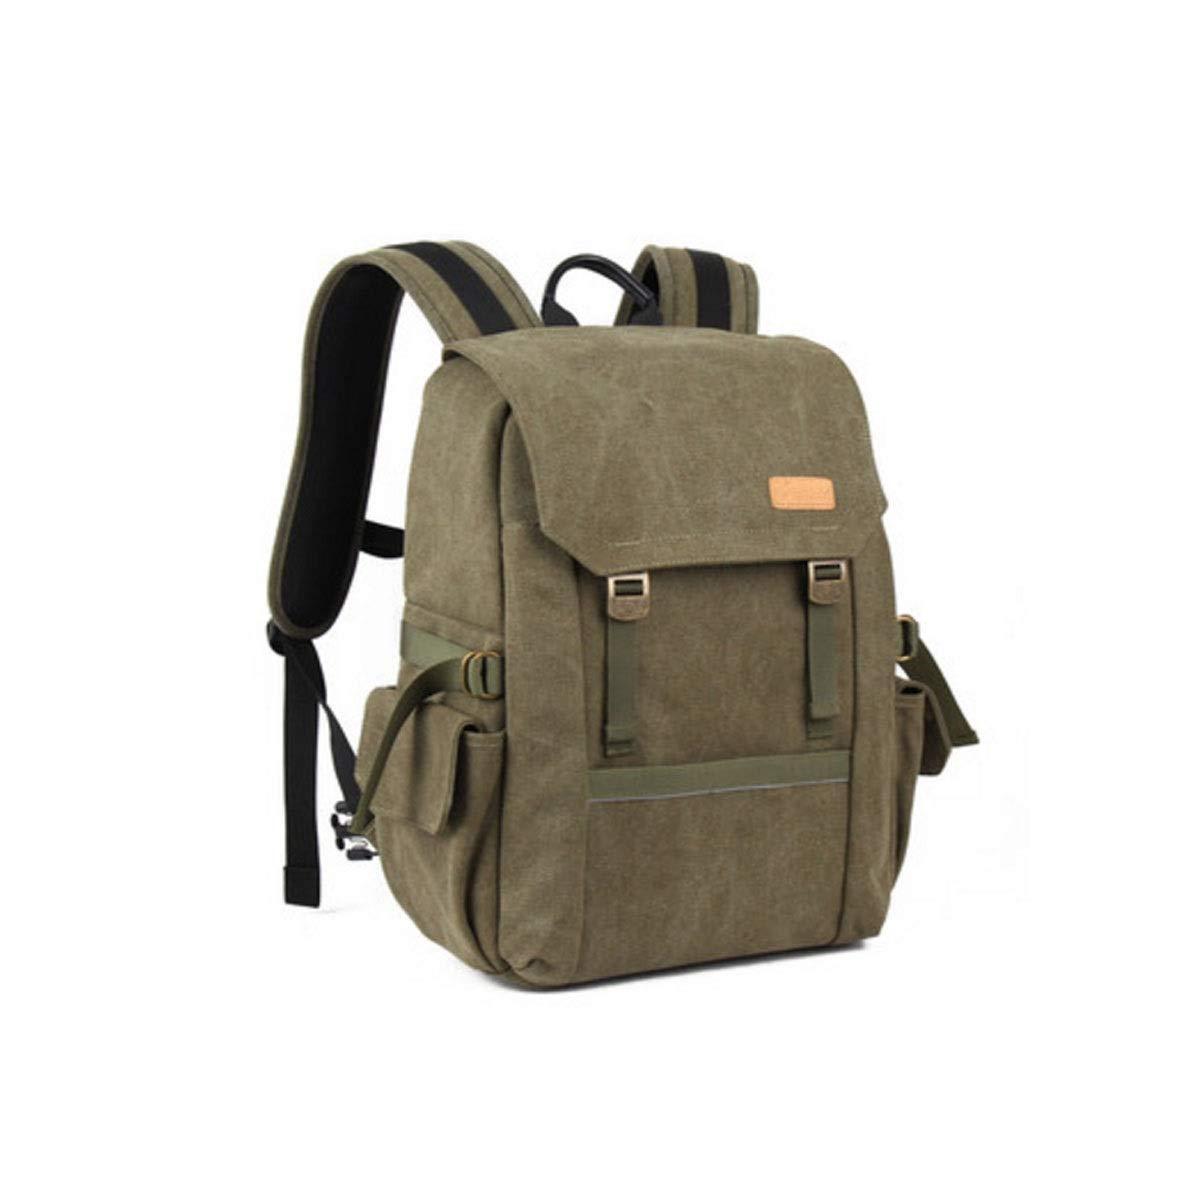 カメラバッグ、ショルダー一眼レフカメラのバックパックバッグ、プロの旅行アウトドアキャンバスカメラバッグ、ミリタリーグリーン (Color : Army green) B07R4XHP87